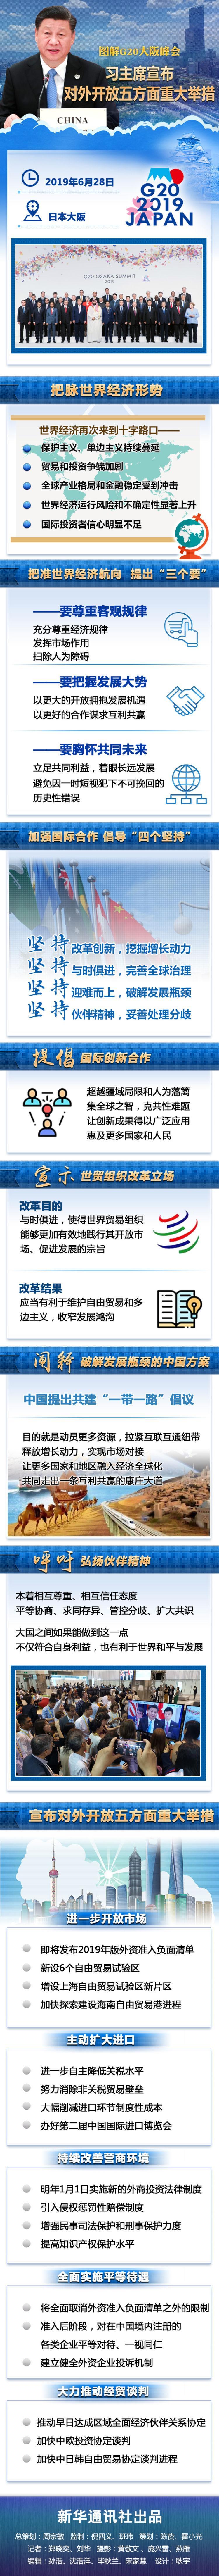 图解G20大阪峰会:习主席宣布对外开放五方面重大举措